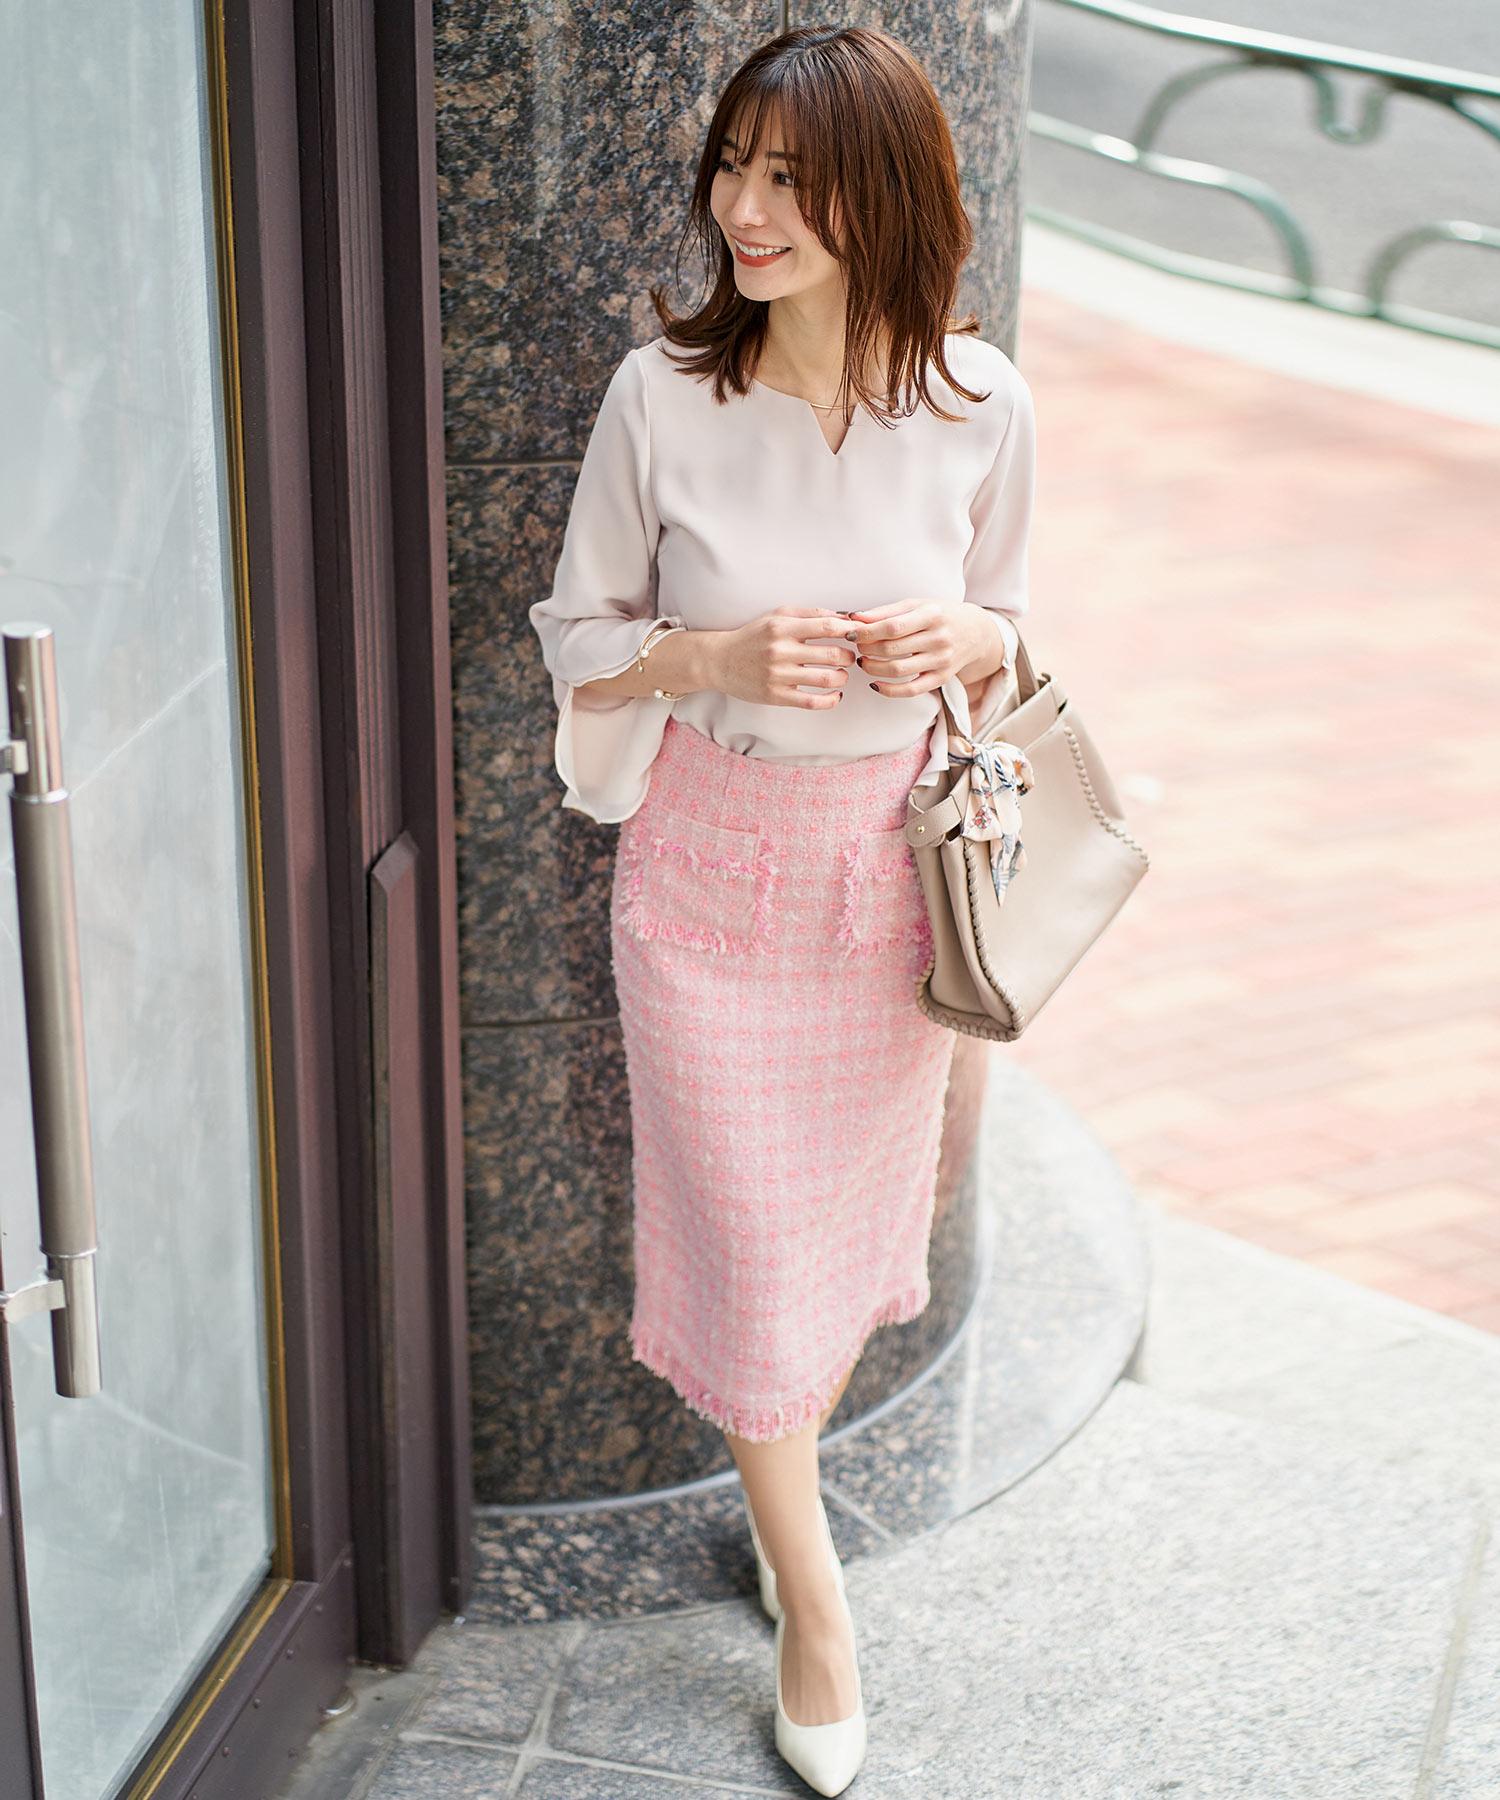 スカート ツイード タイト Iライン ブラウス シフォン&フリル メタルバー付き 9分袖